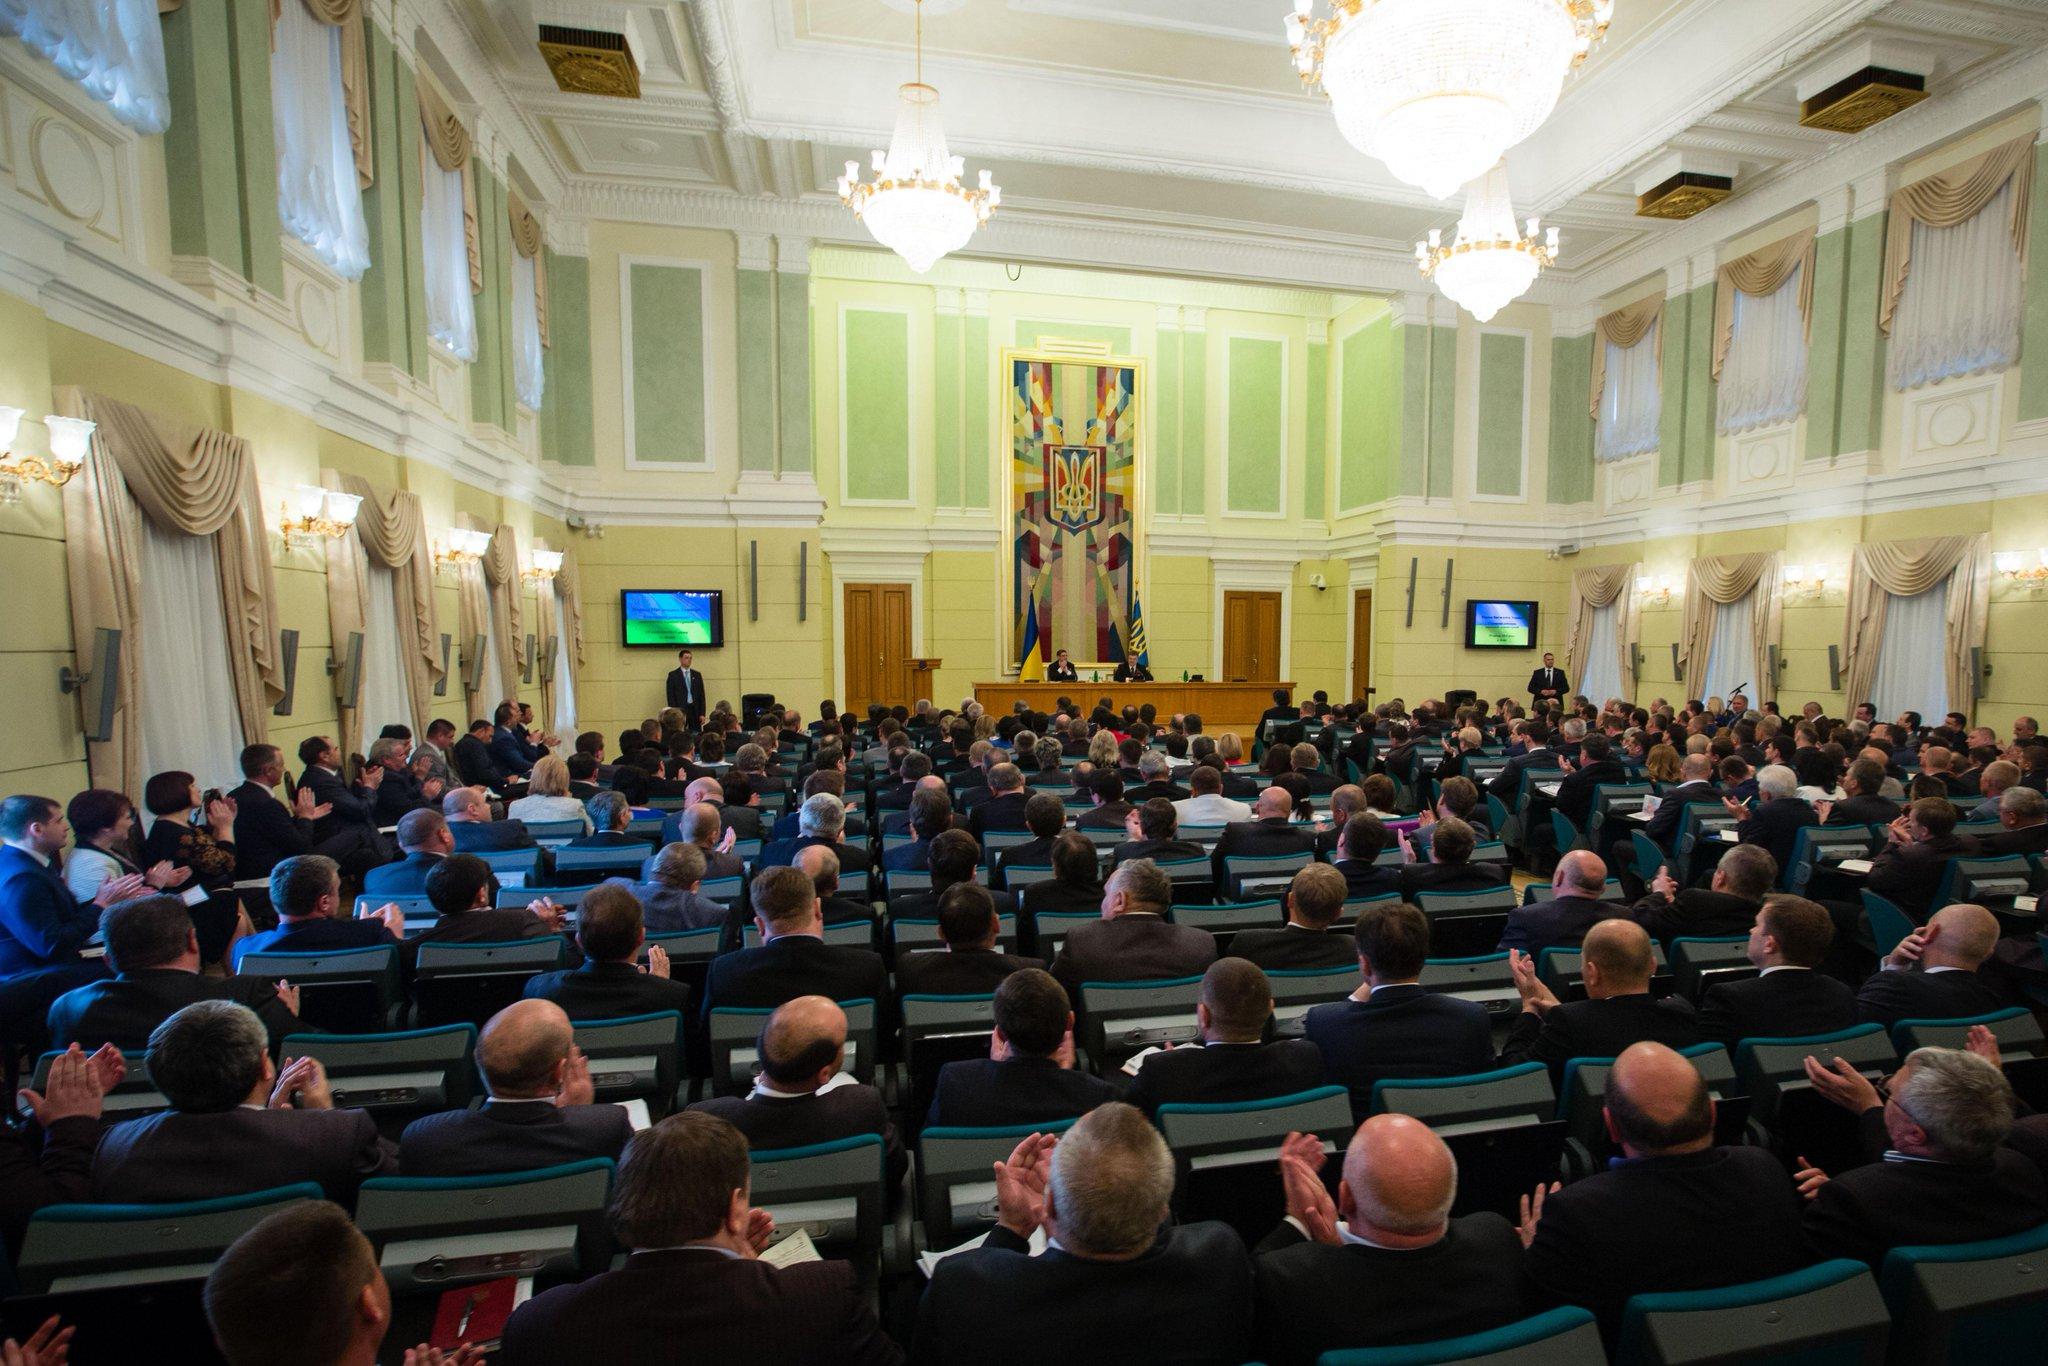 Пять терактов в Одессе остаются нераскрытыми, - СБУ - Цензор.НЕТ 1481